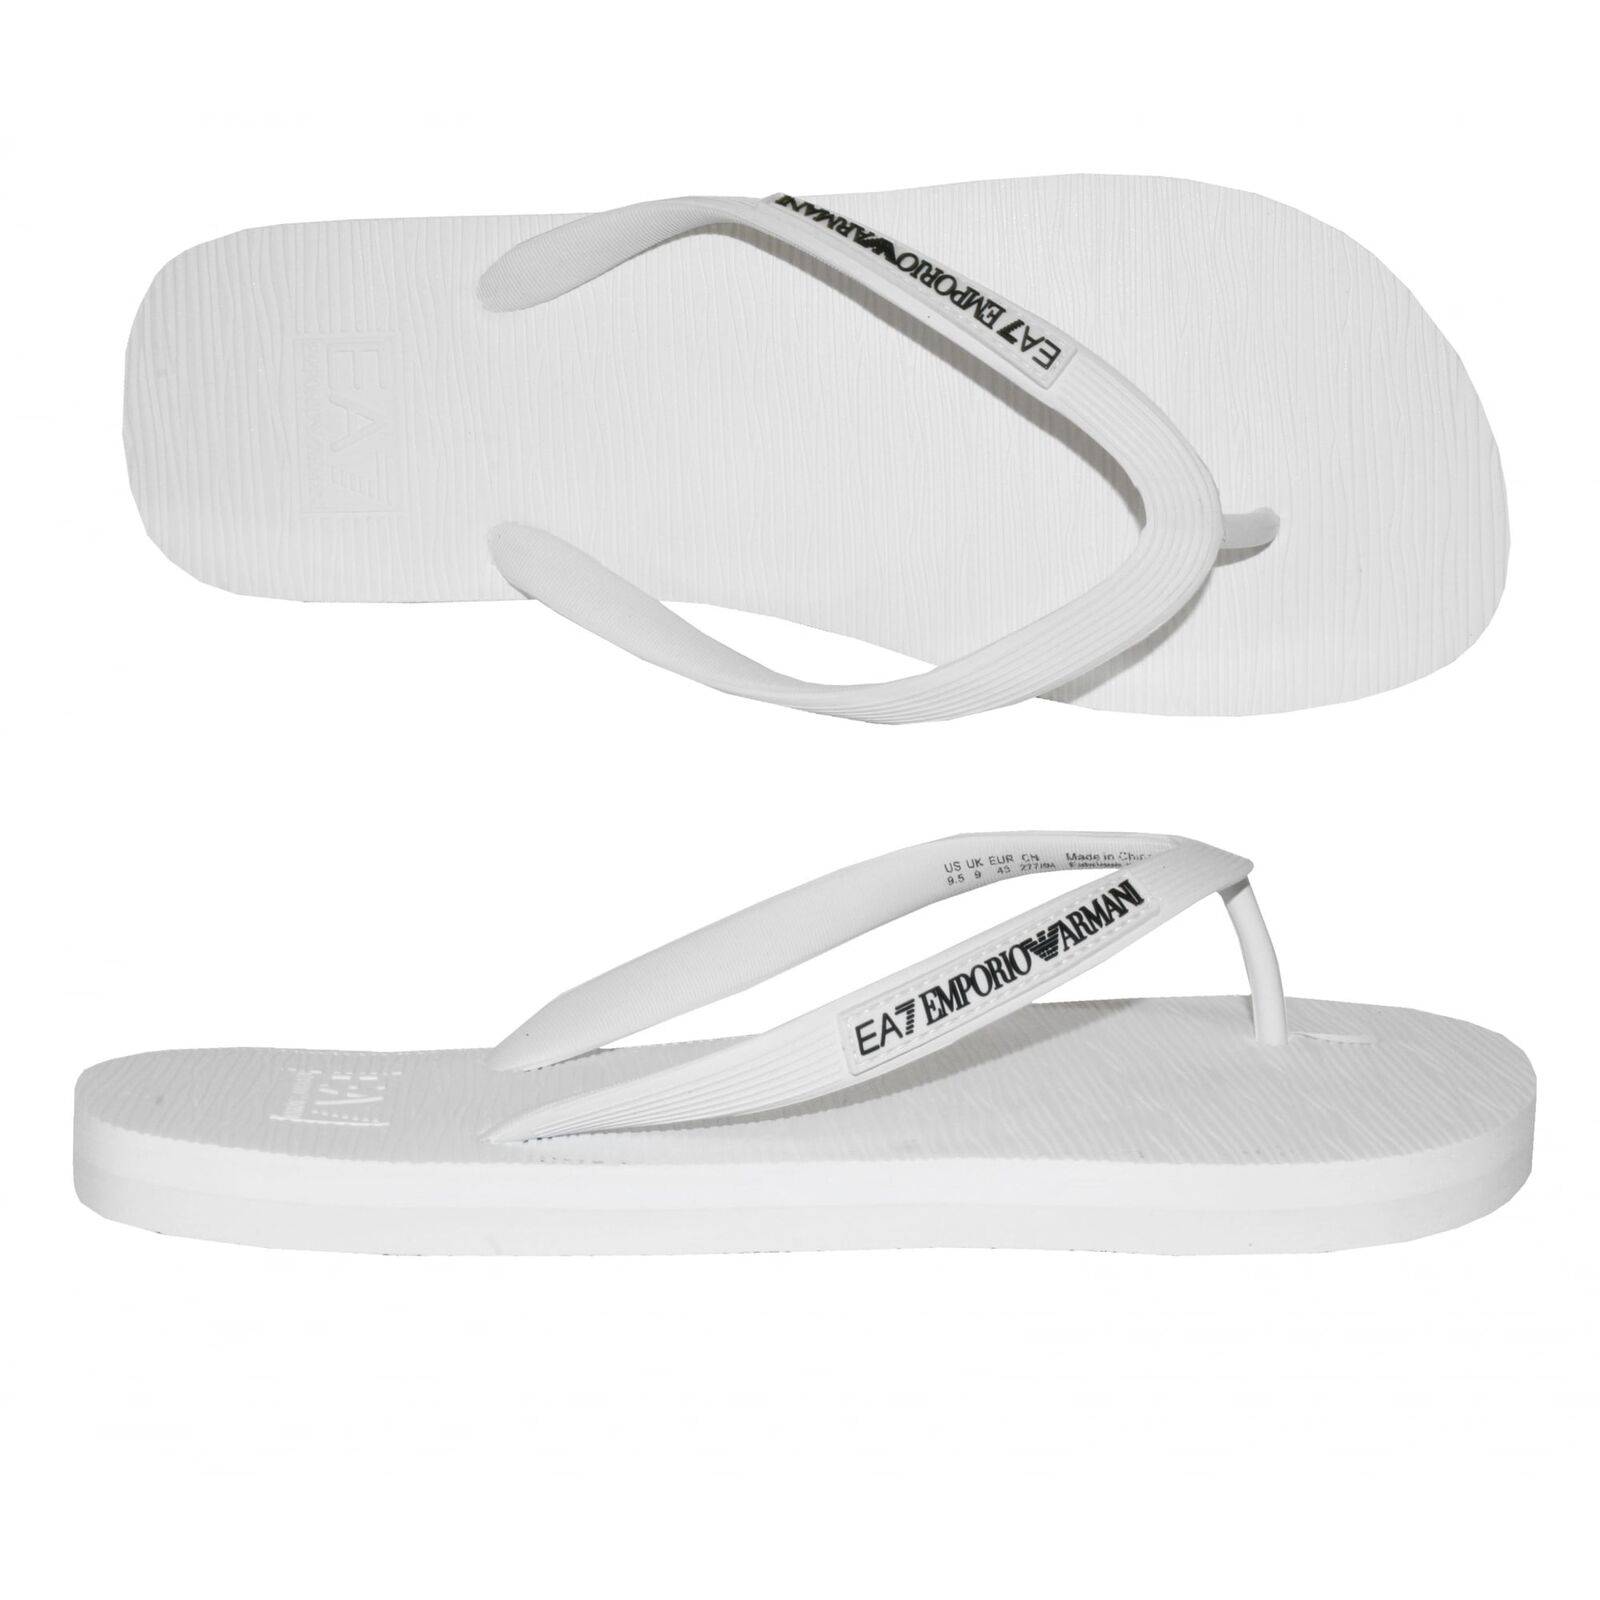 Emporio Armani EA7 Clásico Flip Flop, blancoo